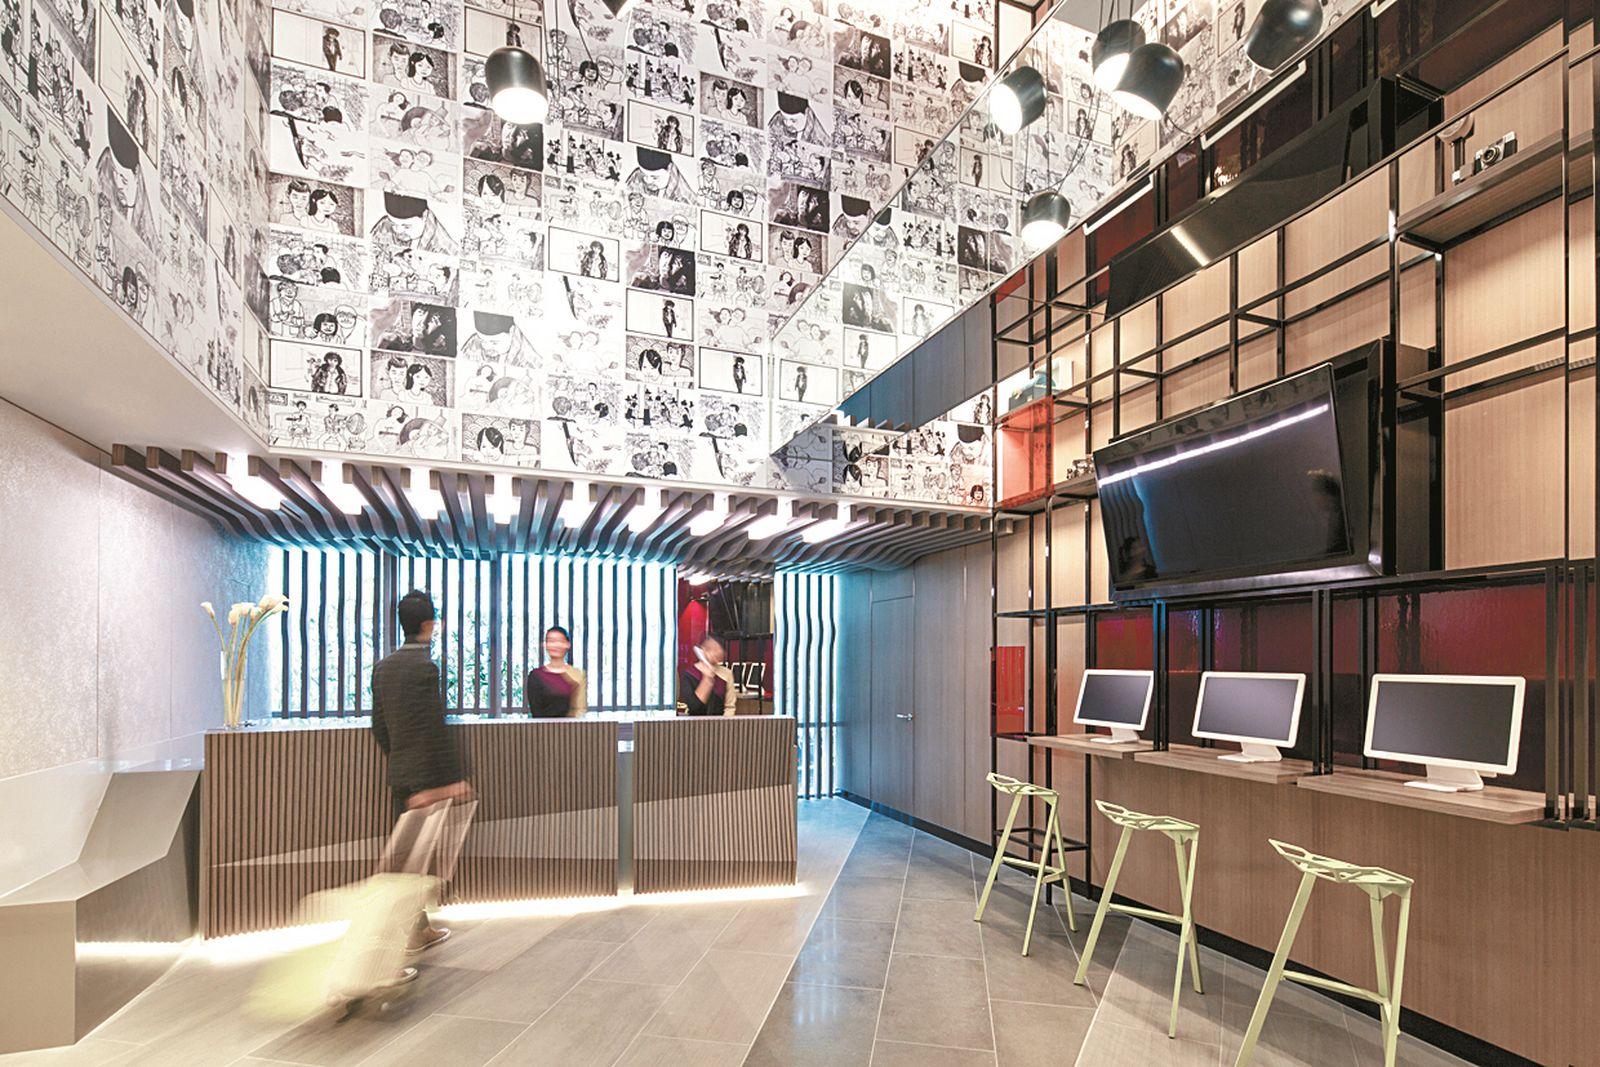 이비스 스타일 명동 프론트 데스크 벽면을 영화 테마로 꾸몄다.